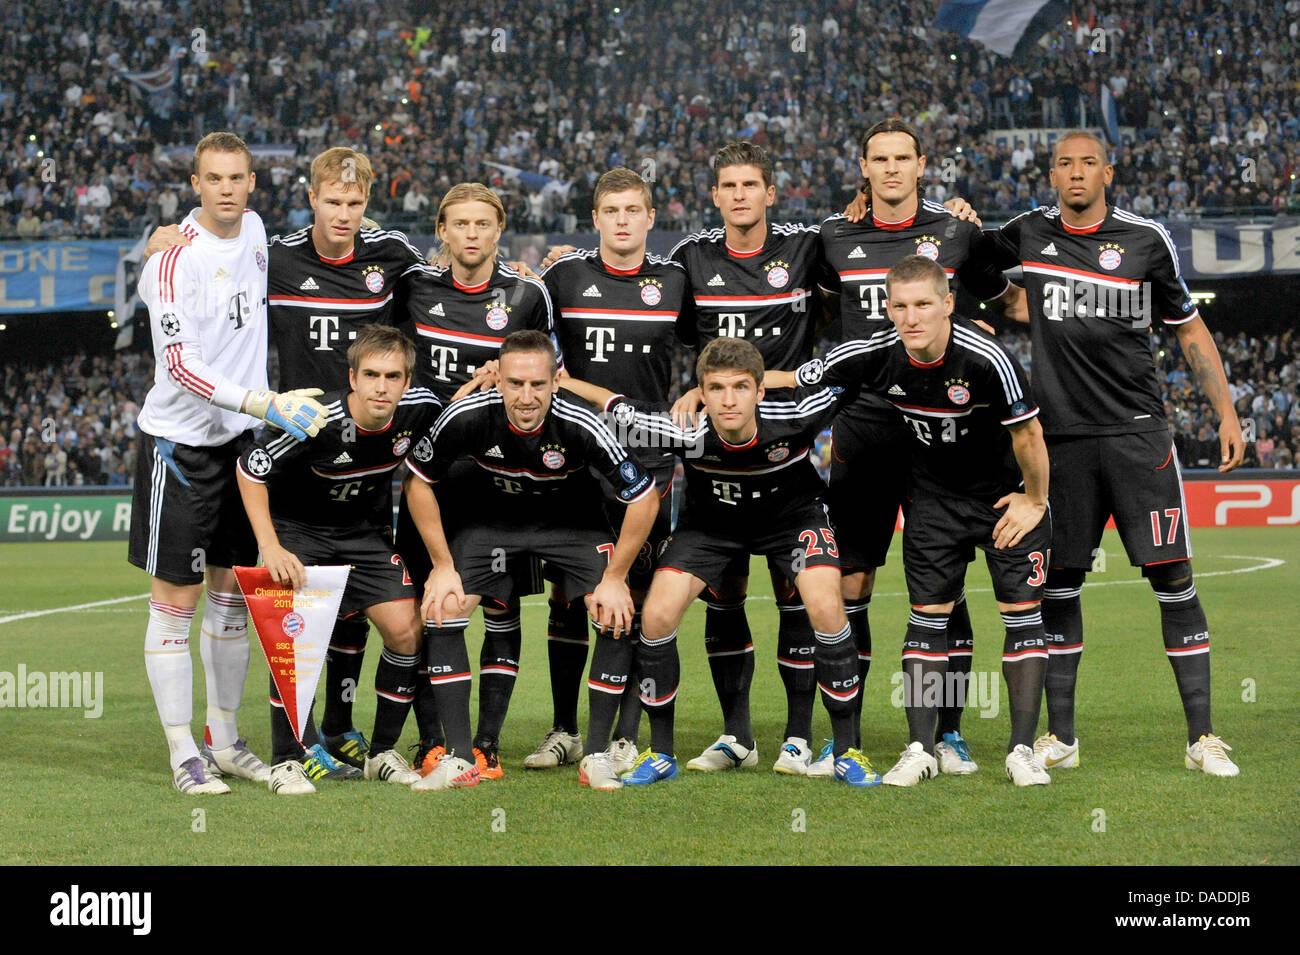 98cc31eff0bf0 El equipo del FC Bayern de Múnich se reúne para una foto de grupo antes de